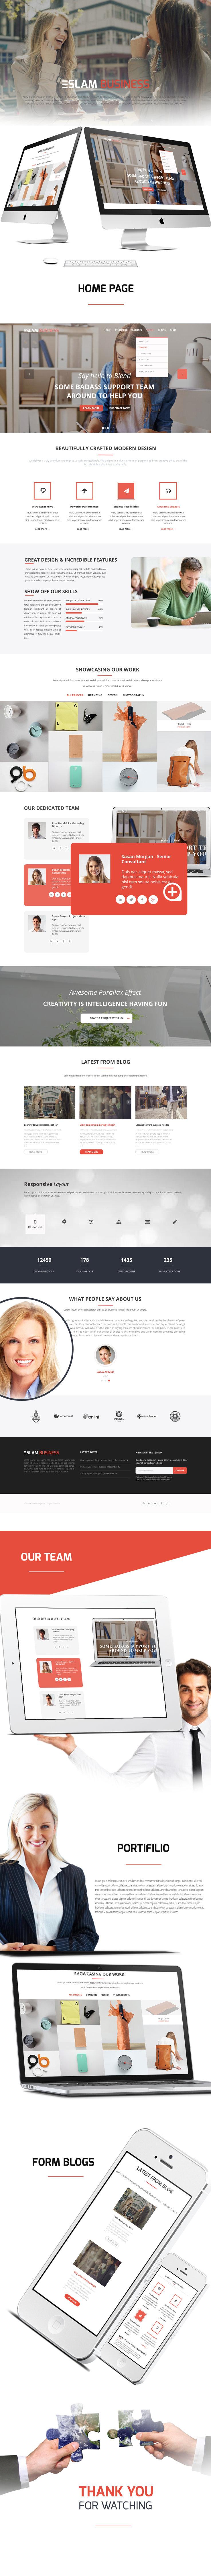 تصميم موقع لشركة افتراضية لإدارة الاعمال